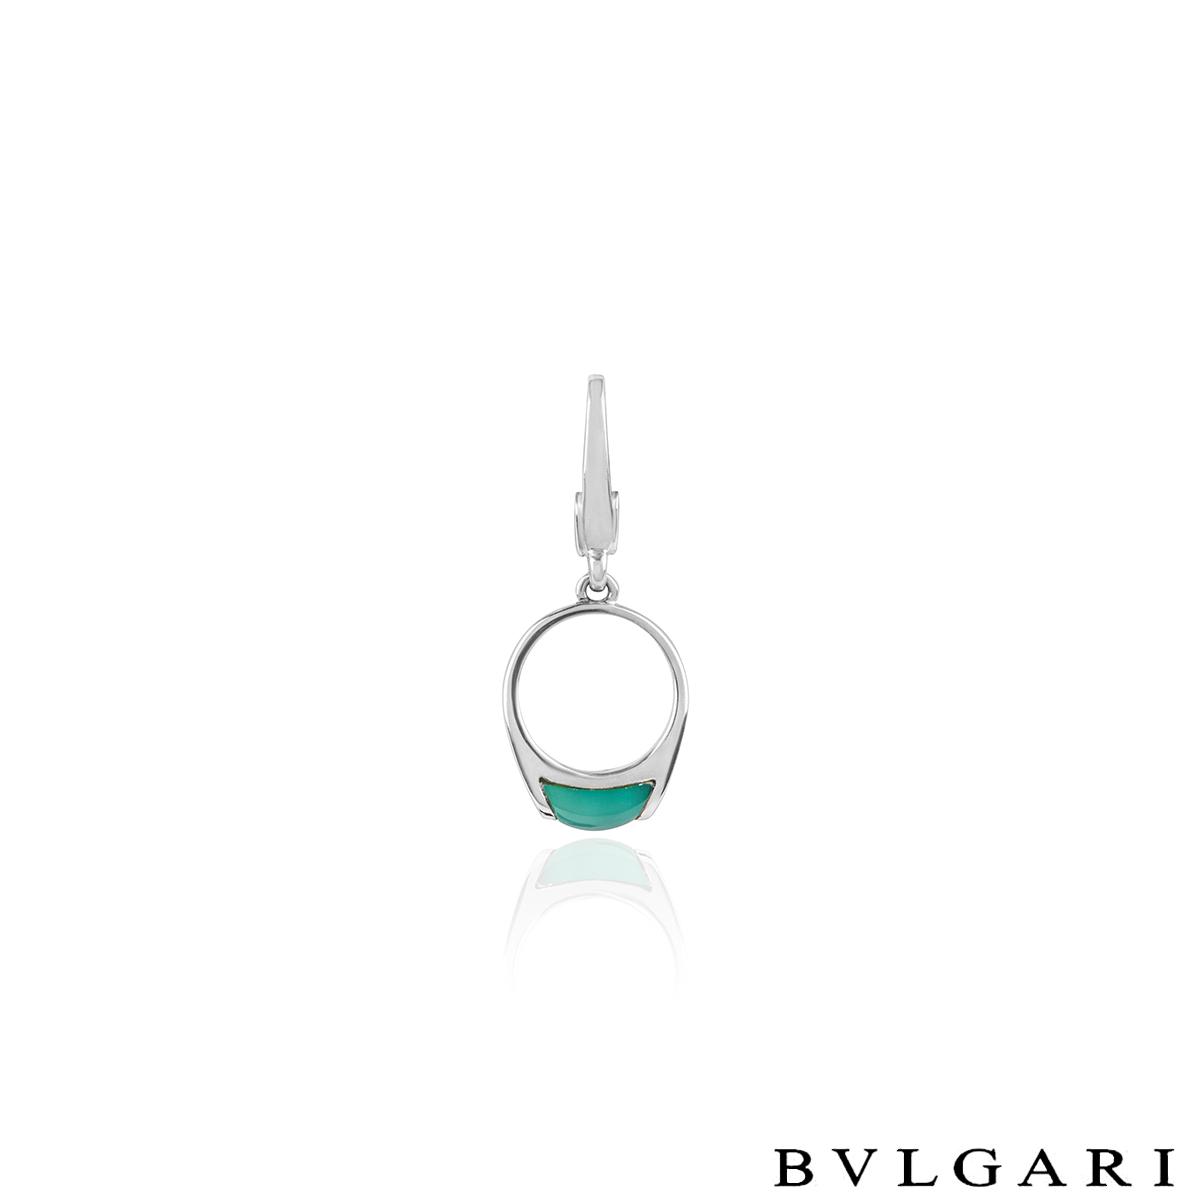 Bvlgari Jade Charm Pendant